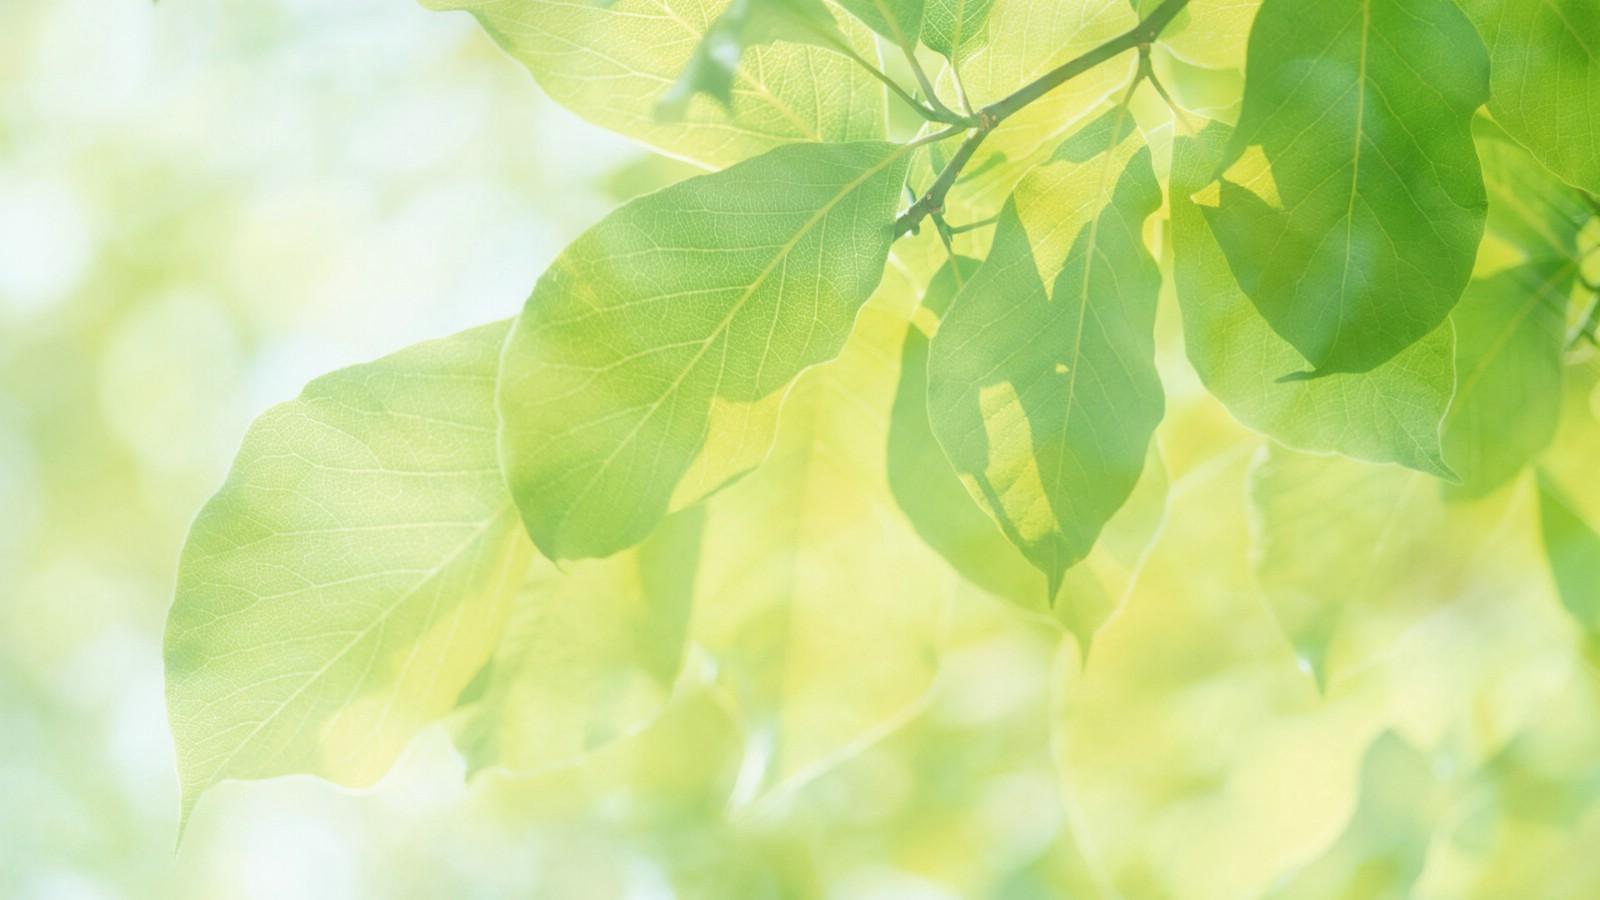 花朵草叶淡雅唯美朦胧小清新高清 精美矢量花朵藤蔓线条高清幻灯片.